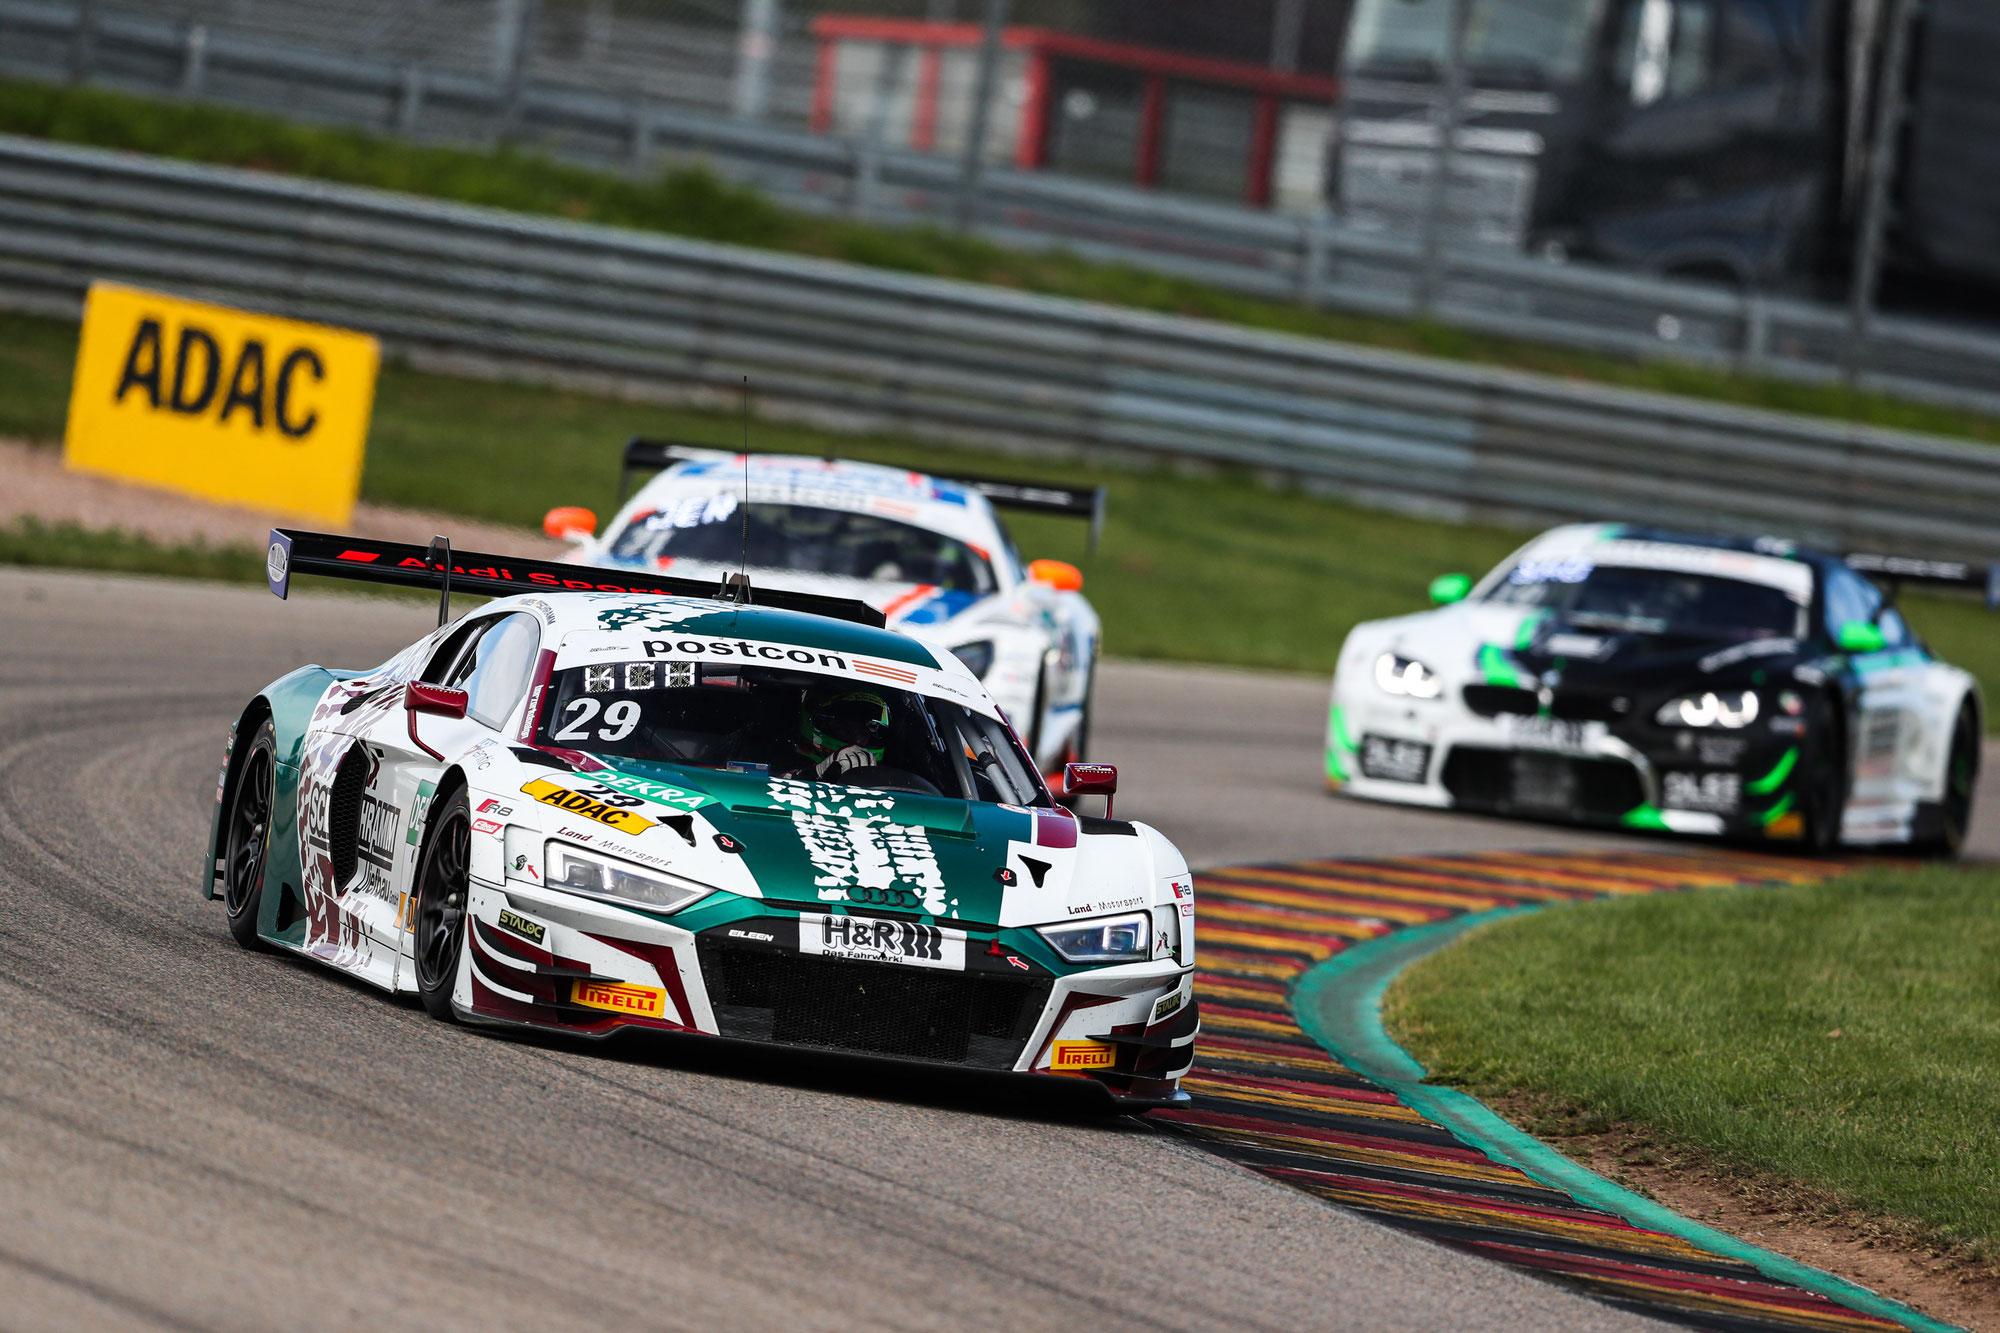 Land-Motorsport startet erneut mit zwei Audi R8 LMS